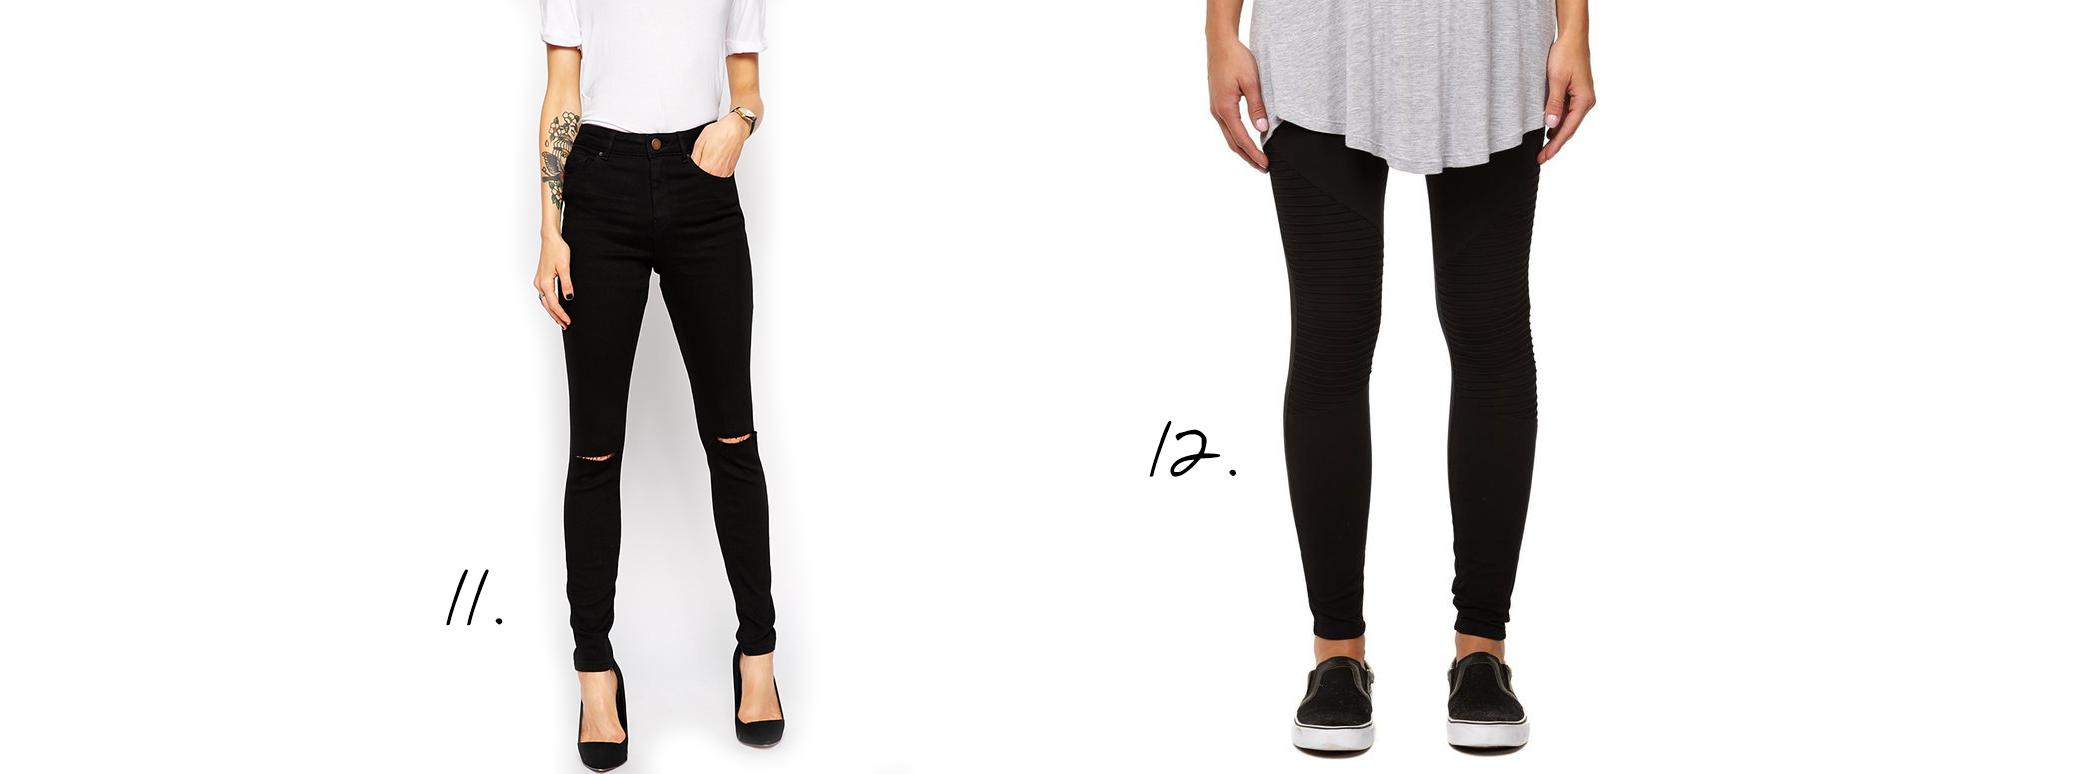 Ridley Skinny Jeans Cotton on Dakota Knee Detail Leggings